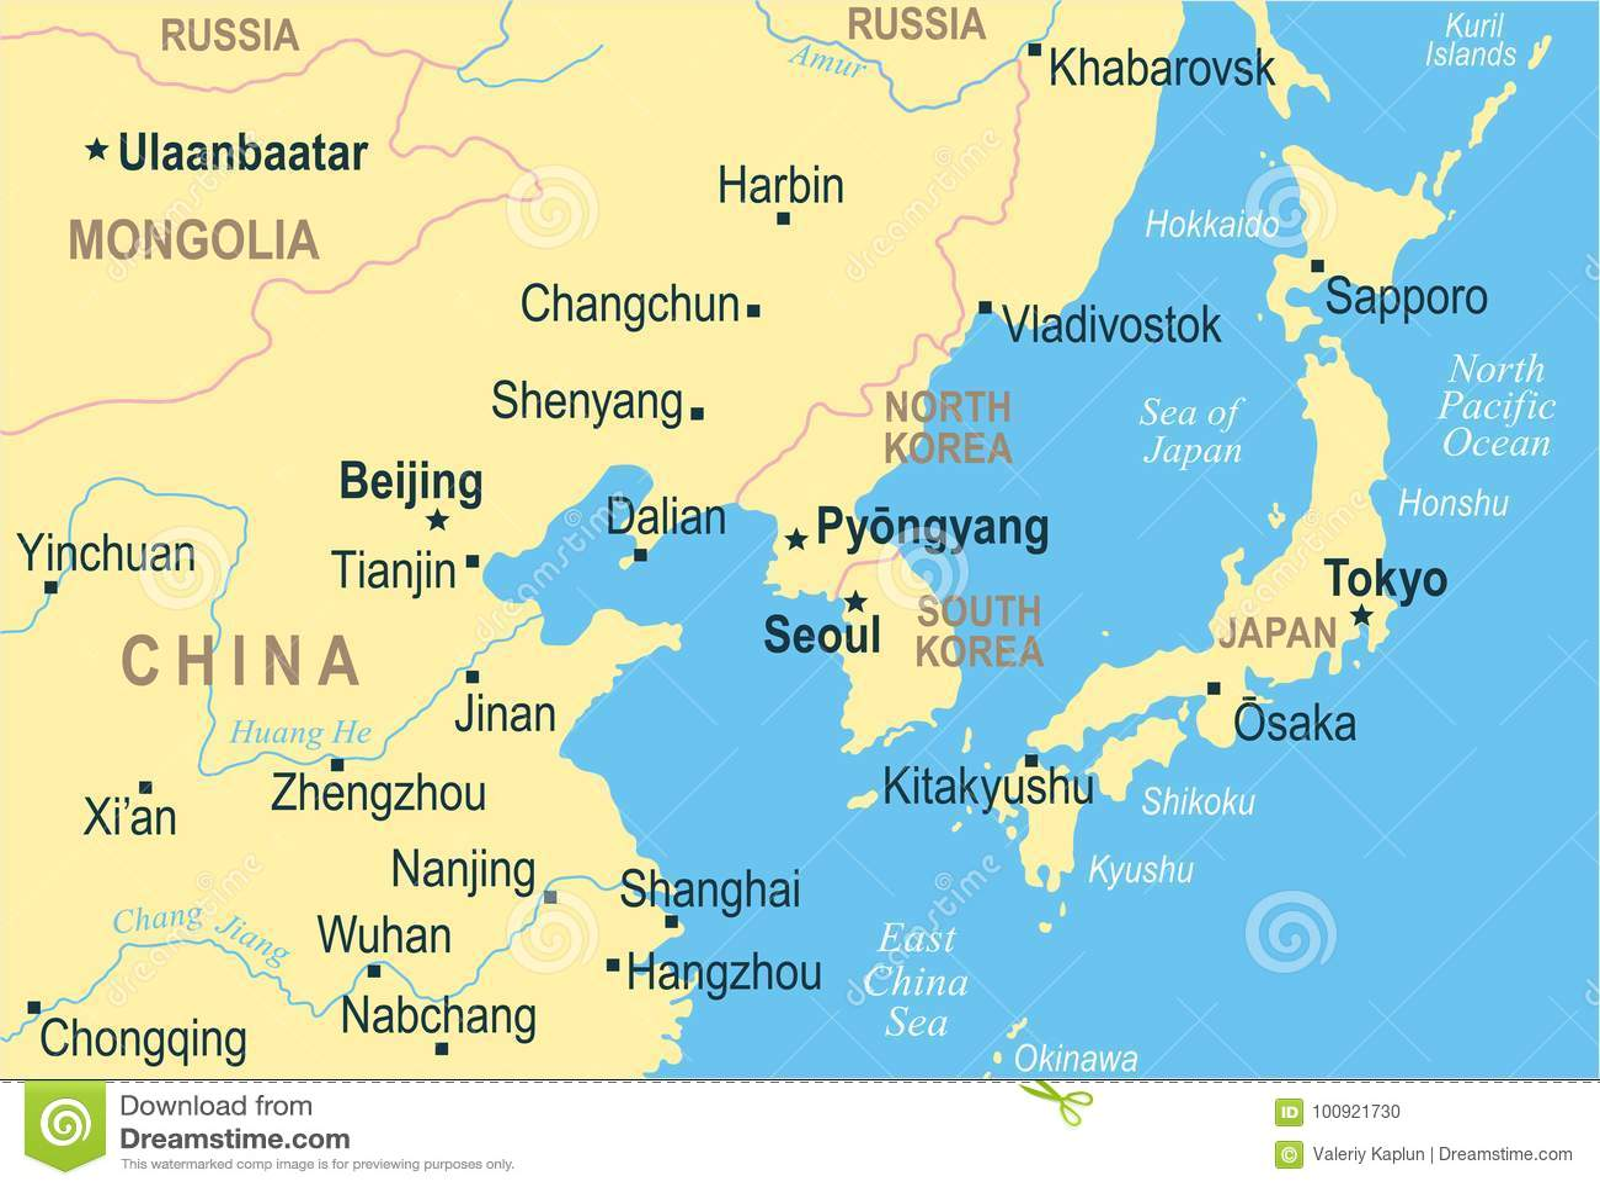 Carte Geographique Chine Sud.Carte De La Coree Du Nord Coree Du Sud Japon Chine Russie Mongolie